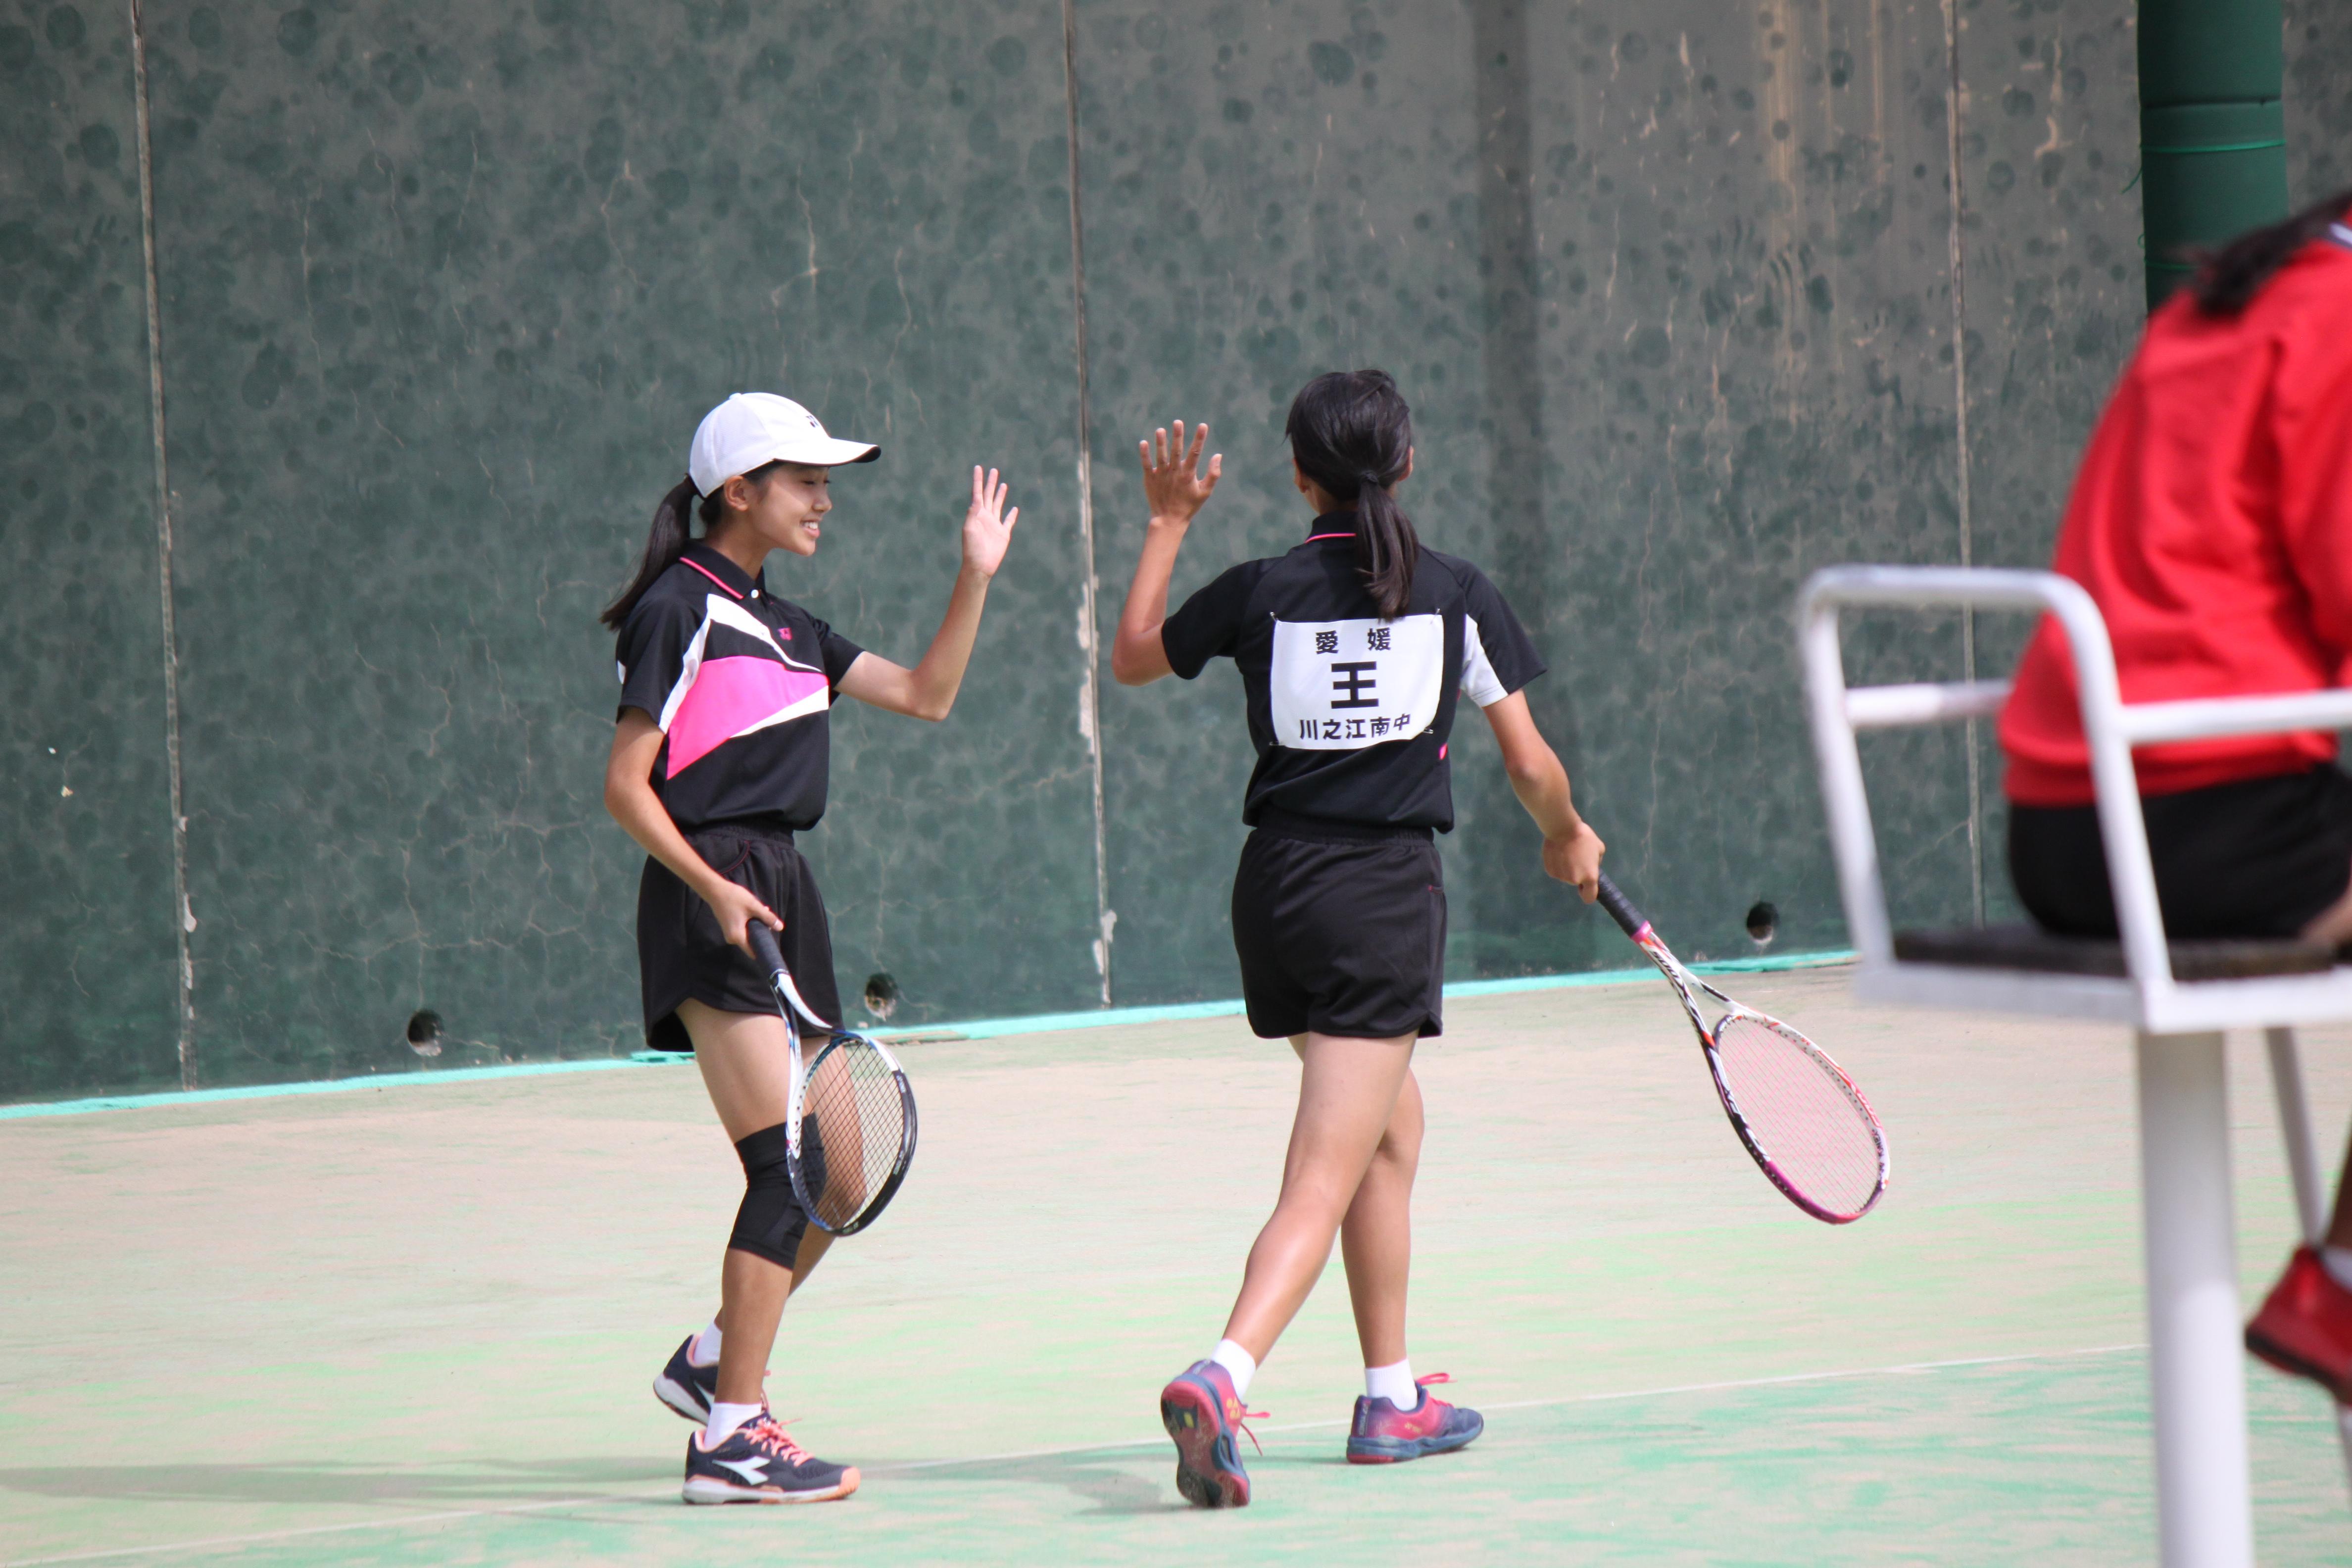 ソフトテニス (114)